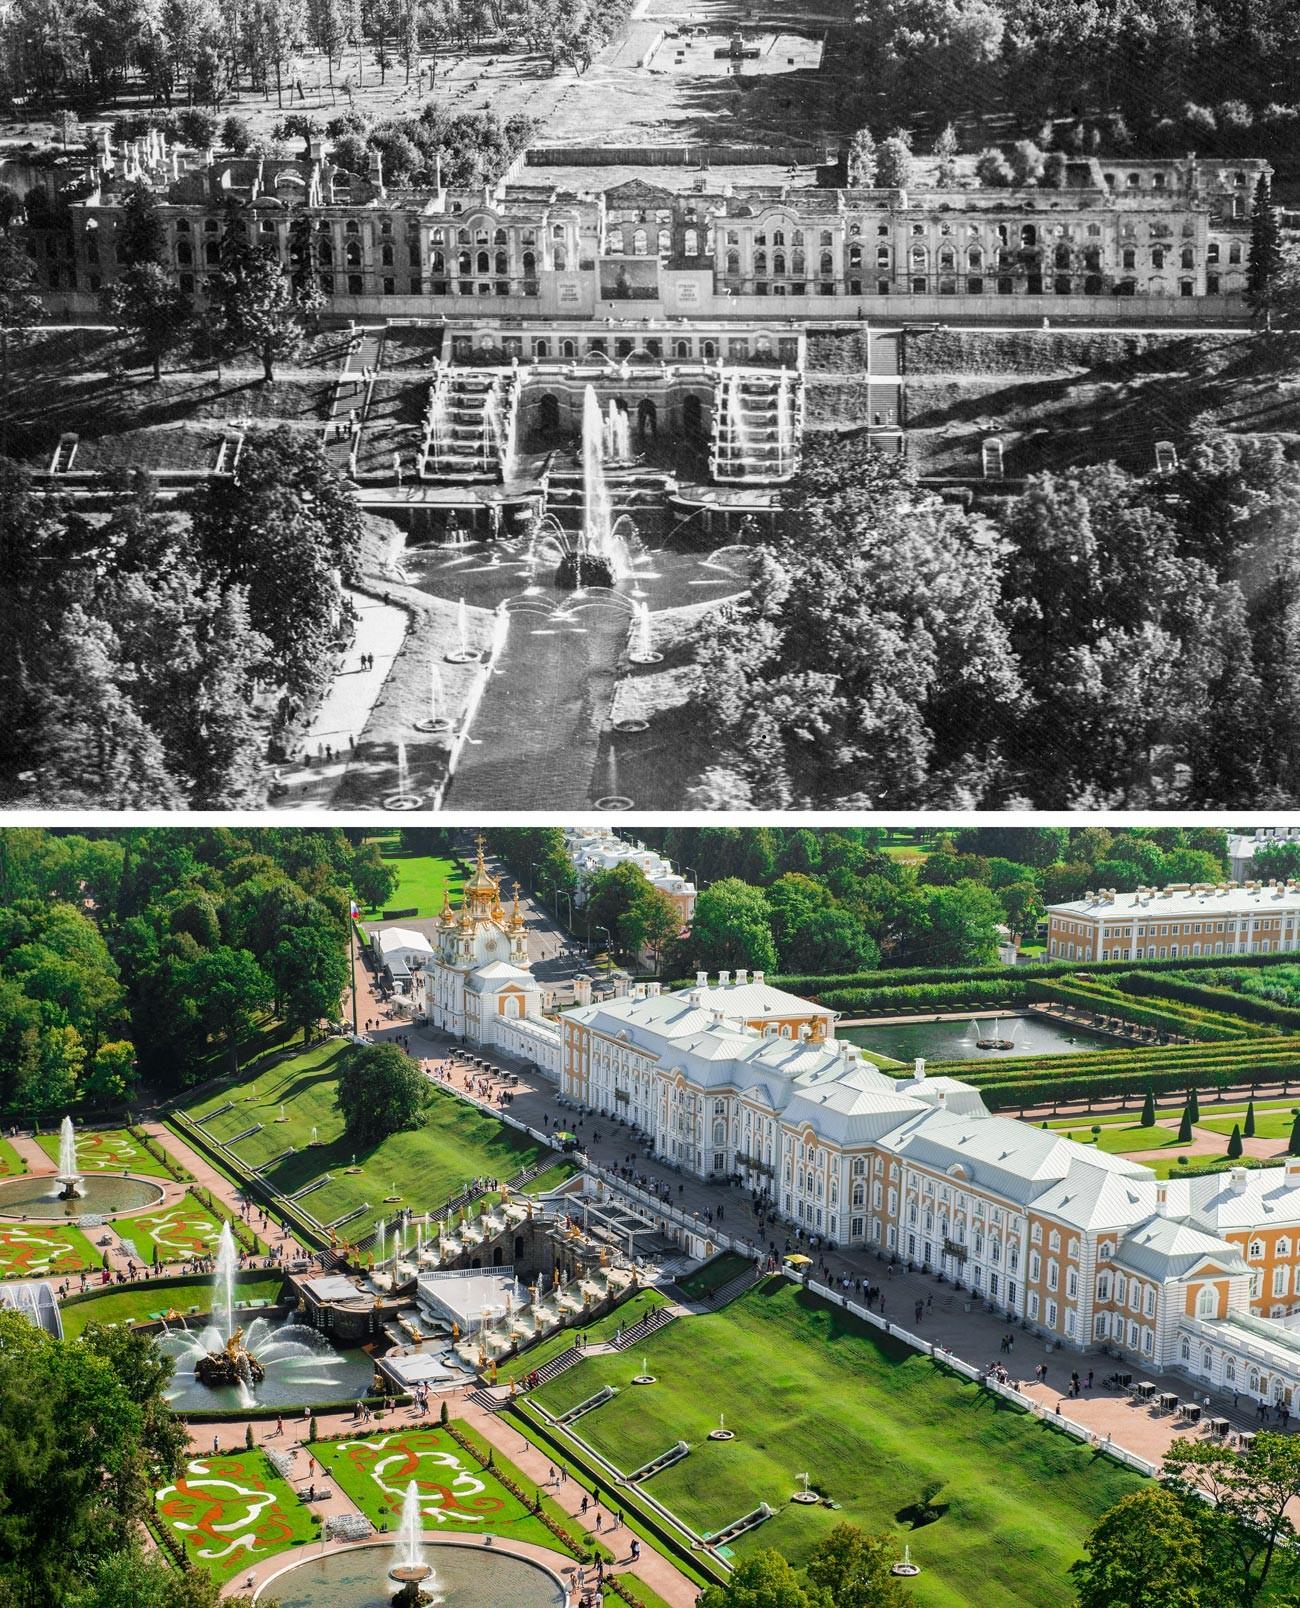 Blick auf den Oberen Garten, den Großen Palast und den Großen Kaskadenbrunnen 1944 und heute.